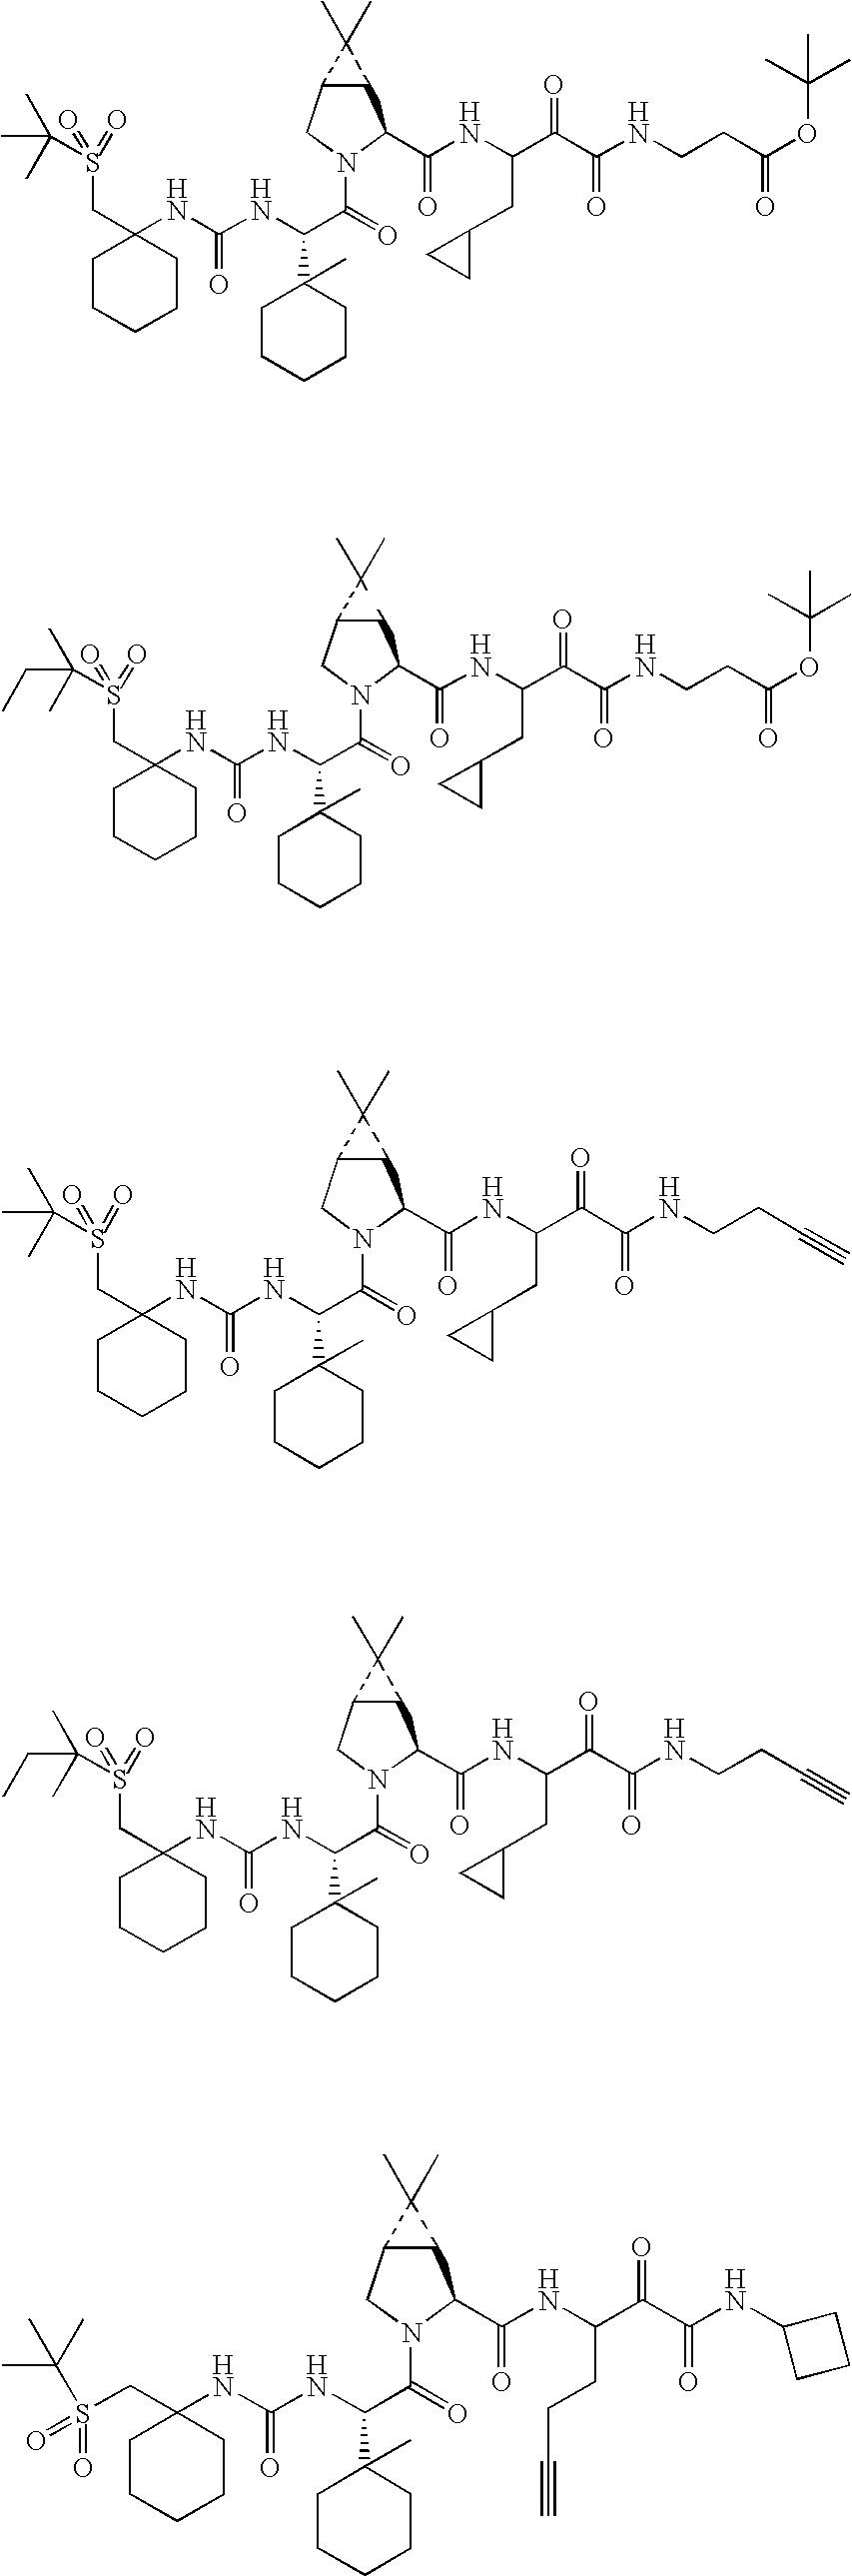 Figure US20060287248A1-20061221-C00474